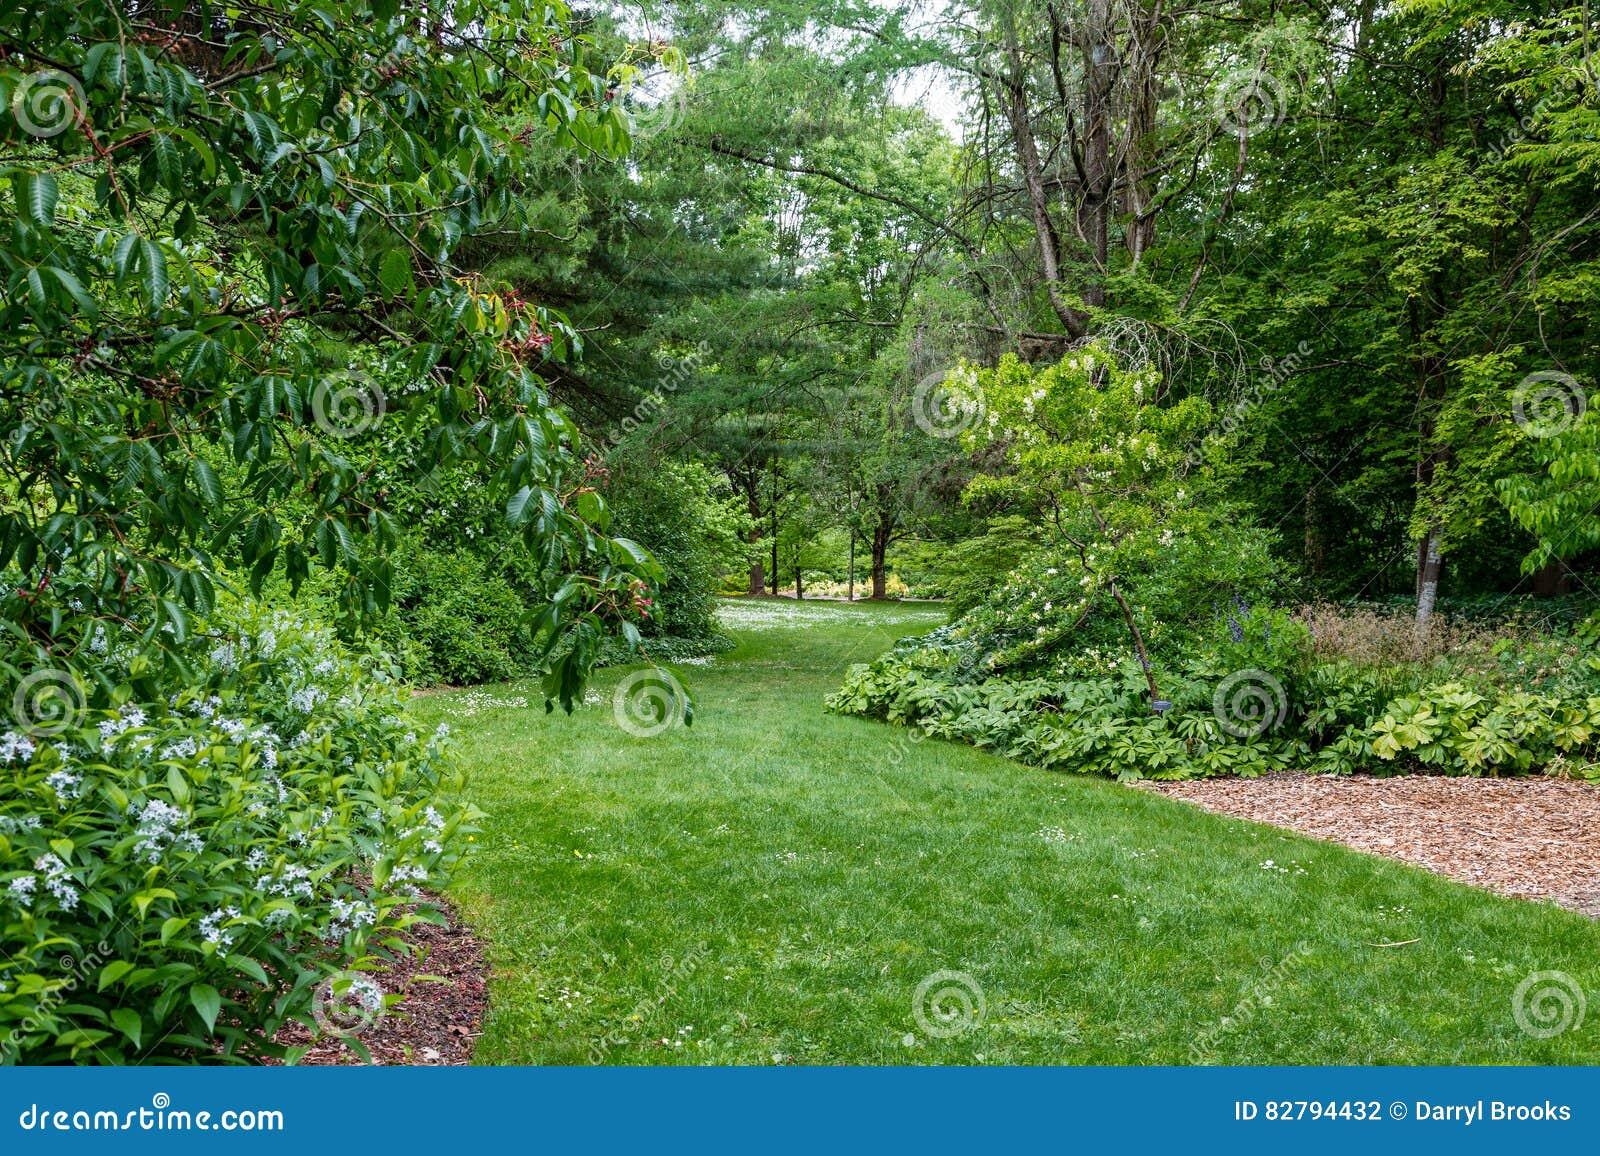 Green Path Through Lush Park